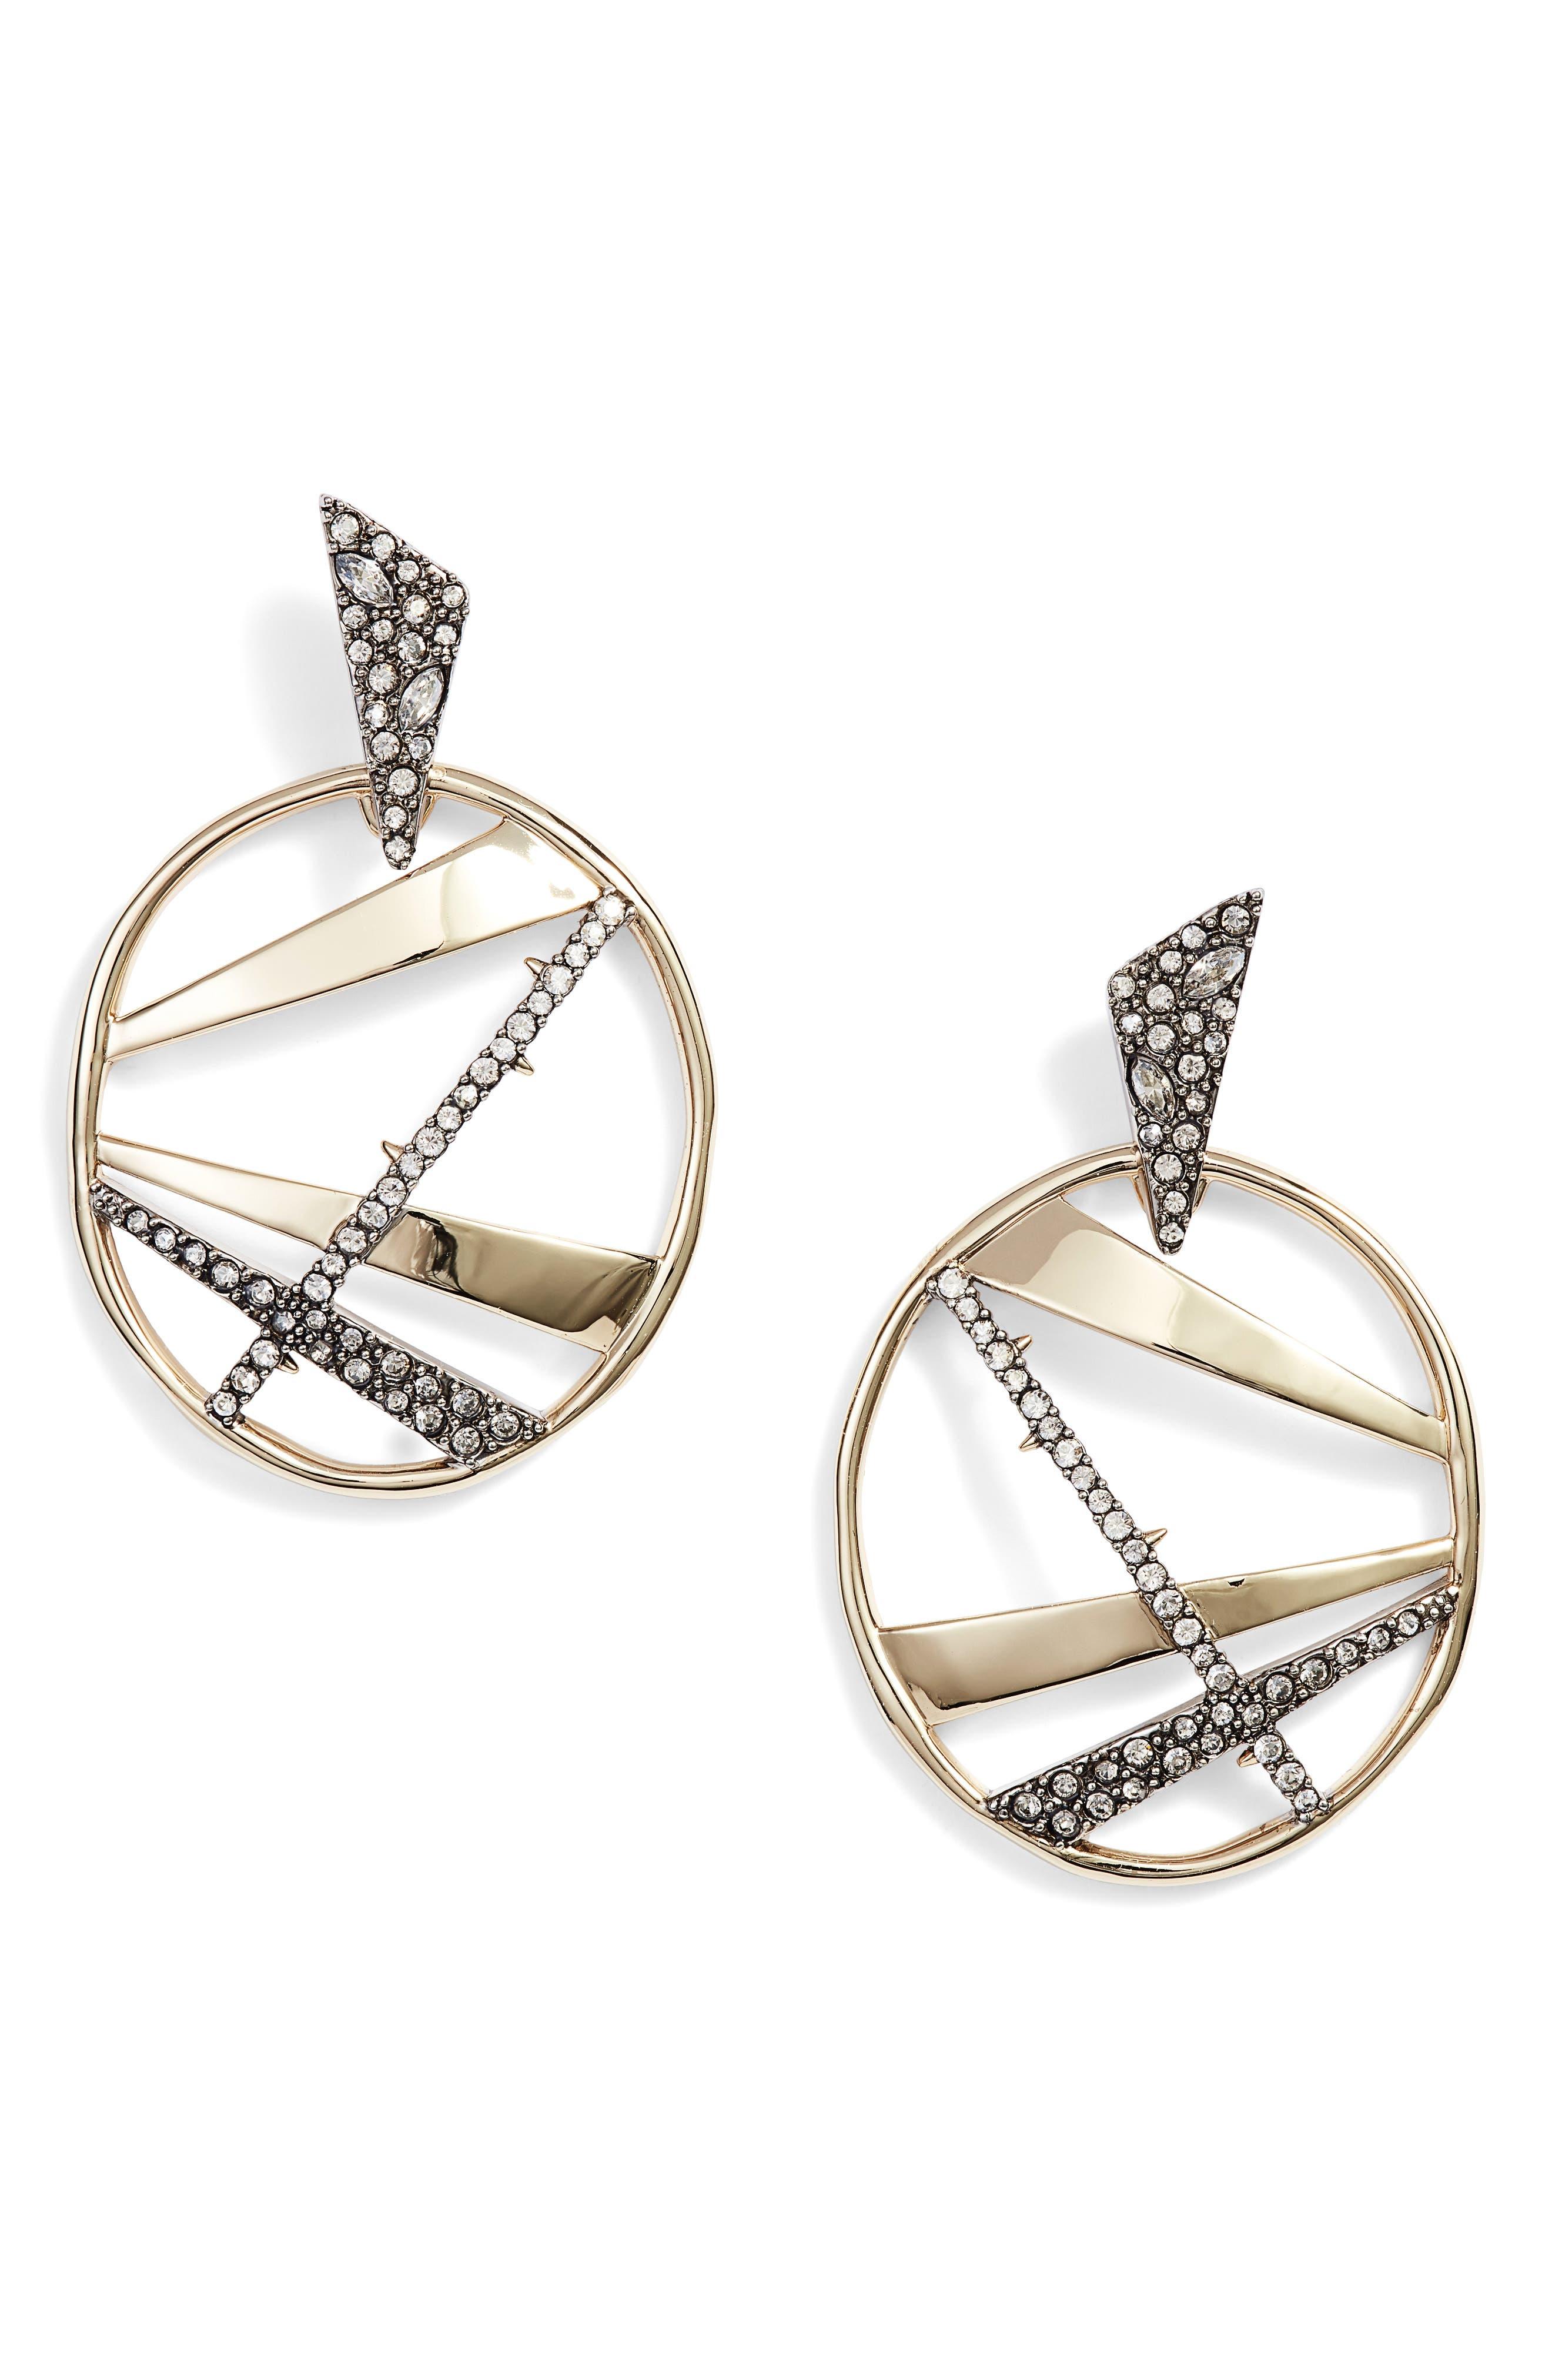 Large Crystal Encrusted Plaid Hoop Earrings,                         Main,                         color, Gold/ Silver